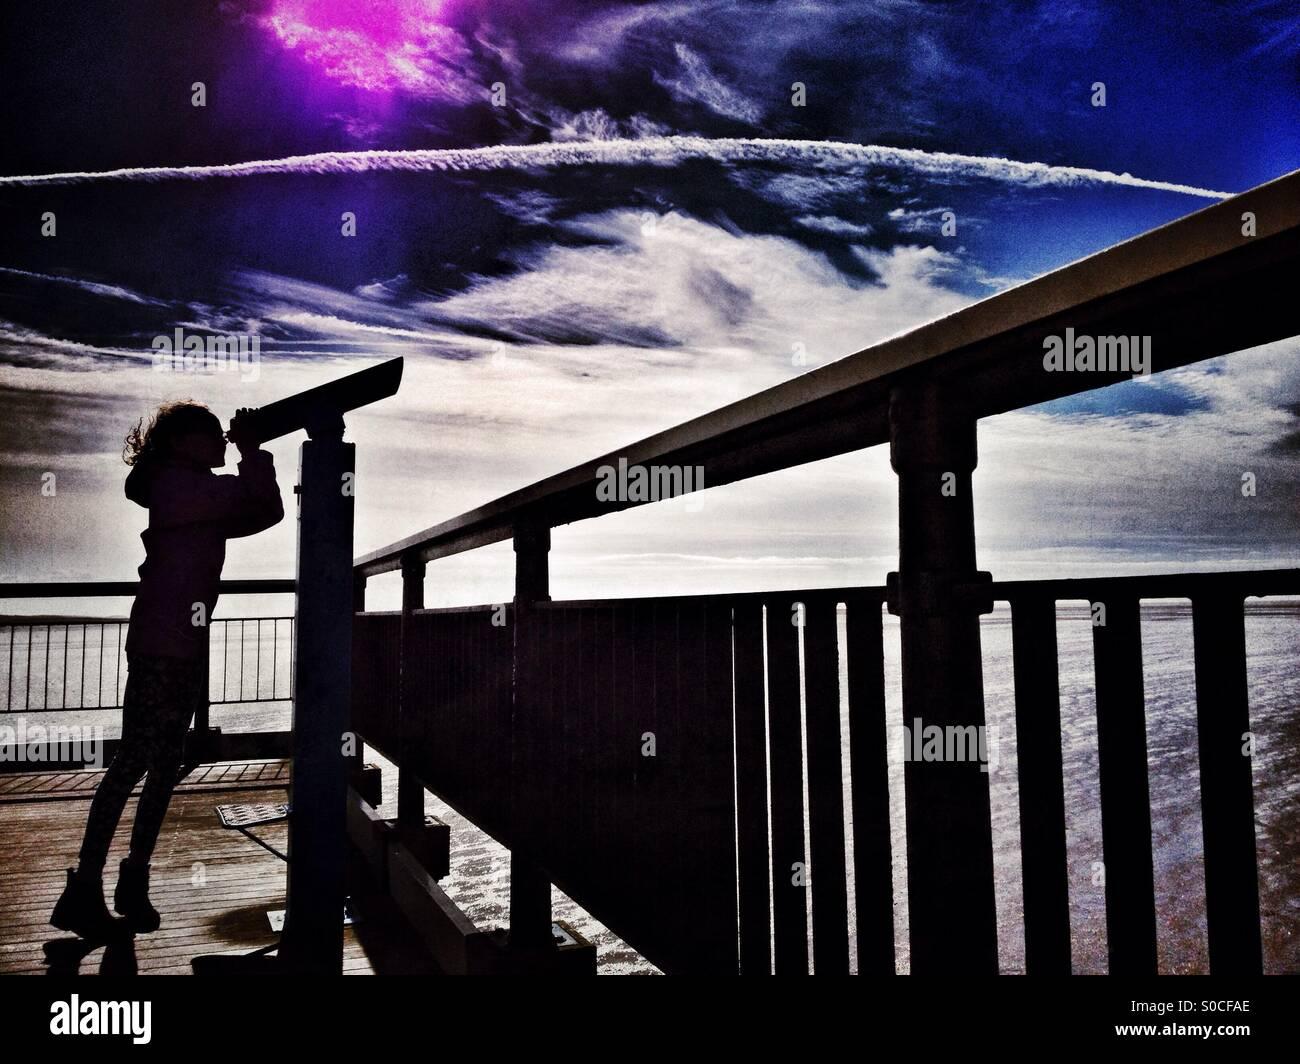 Junges Mädchen in der Silhouette mit Teleskop am Ende des Piers Stockbild